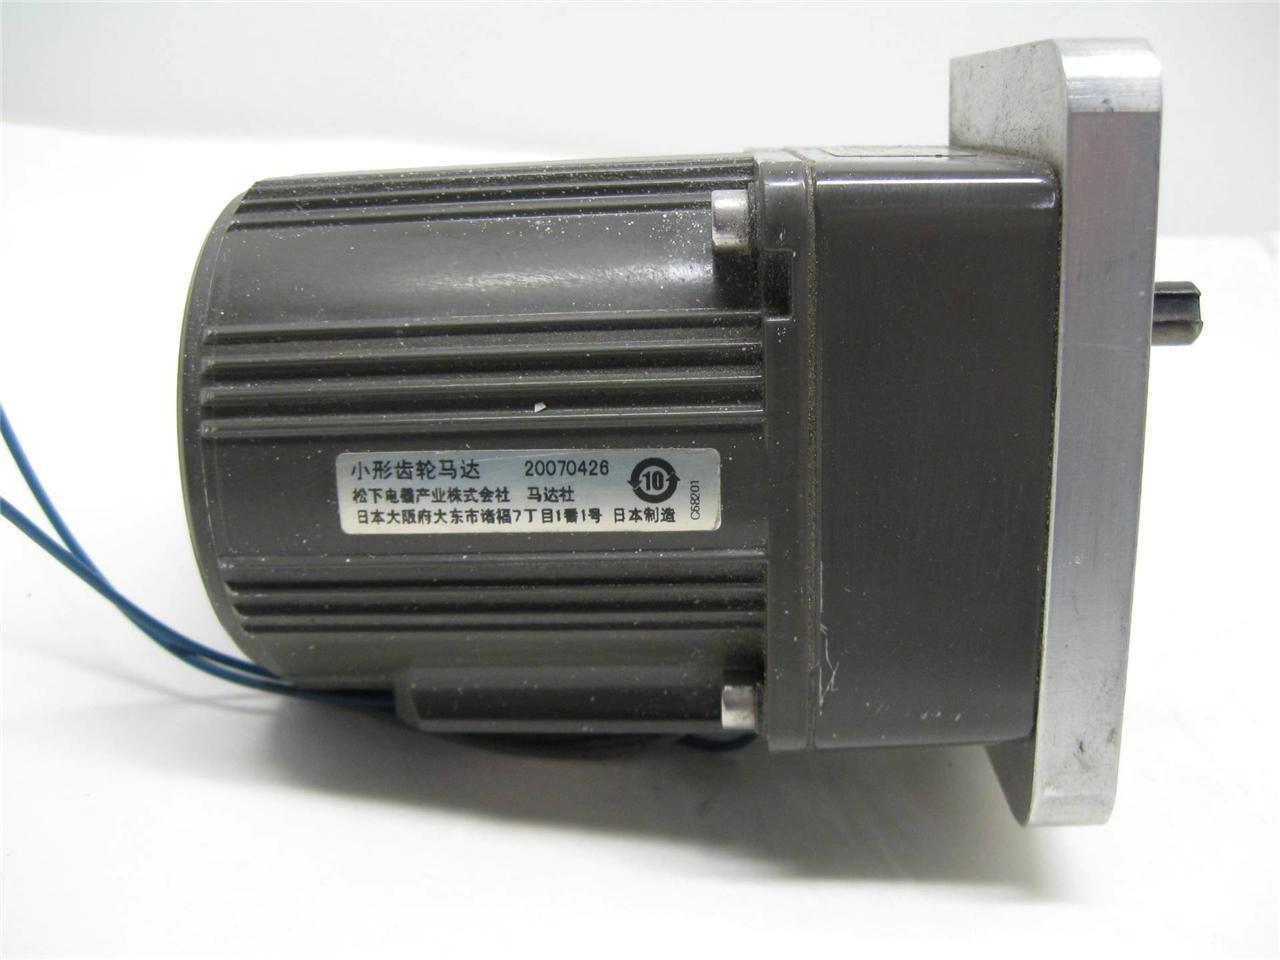 Panasonic Induction Motors 28 Images 380v 660v 0 55kw 900kw 0 55kw 315kw Asynchronous Motor